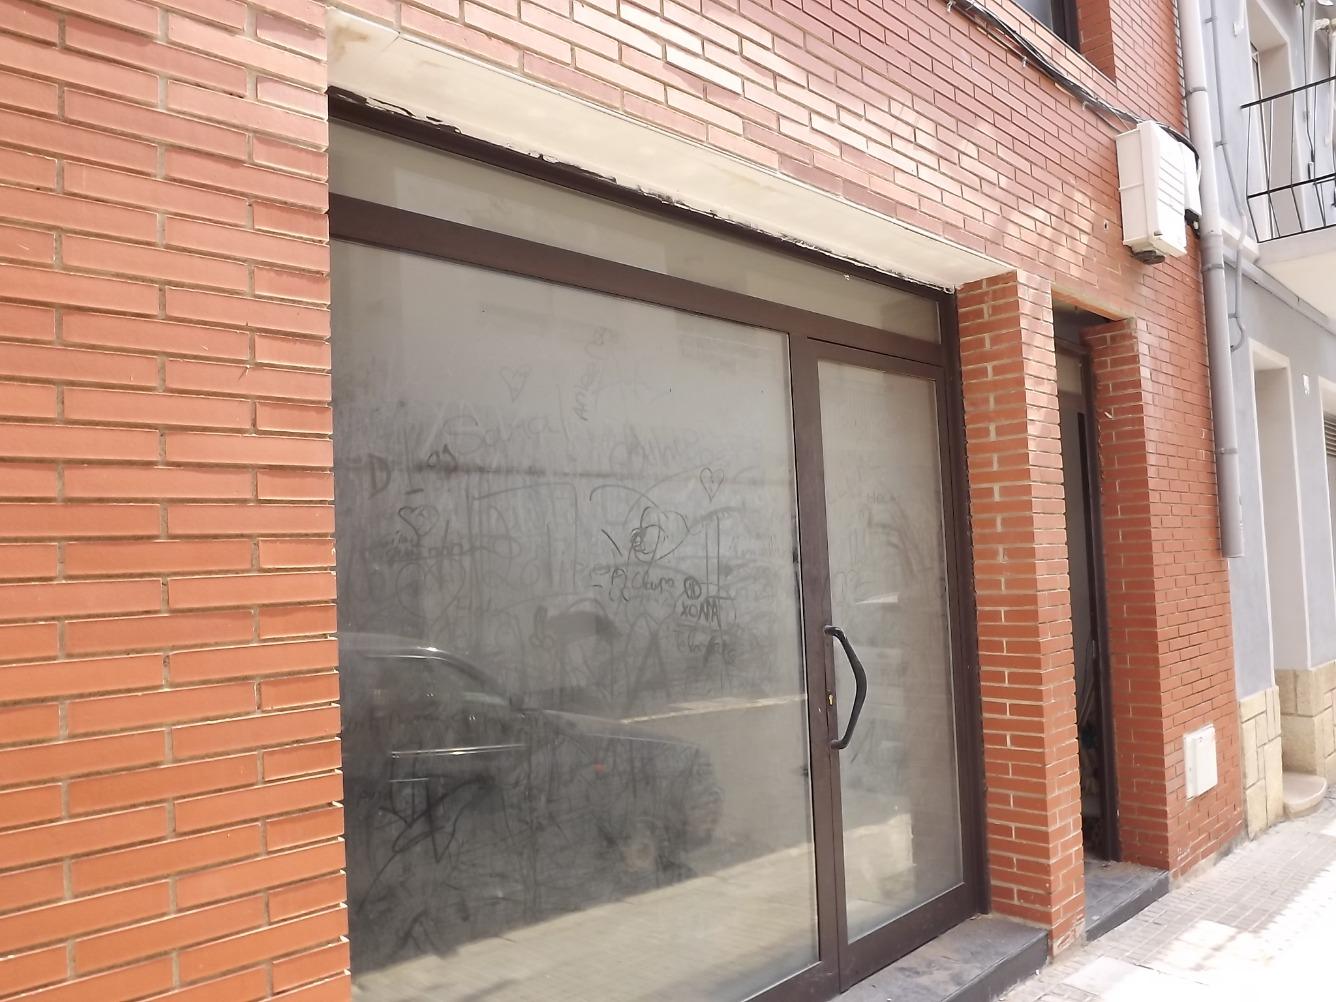 Edificio - Residencial en Calle Jaume I El Conqueridor